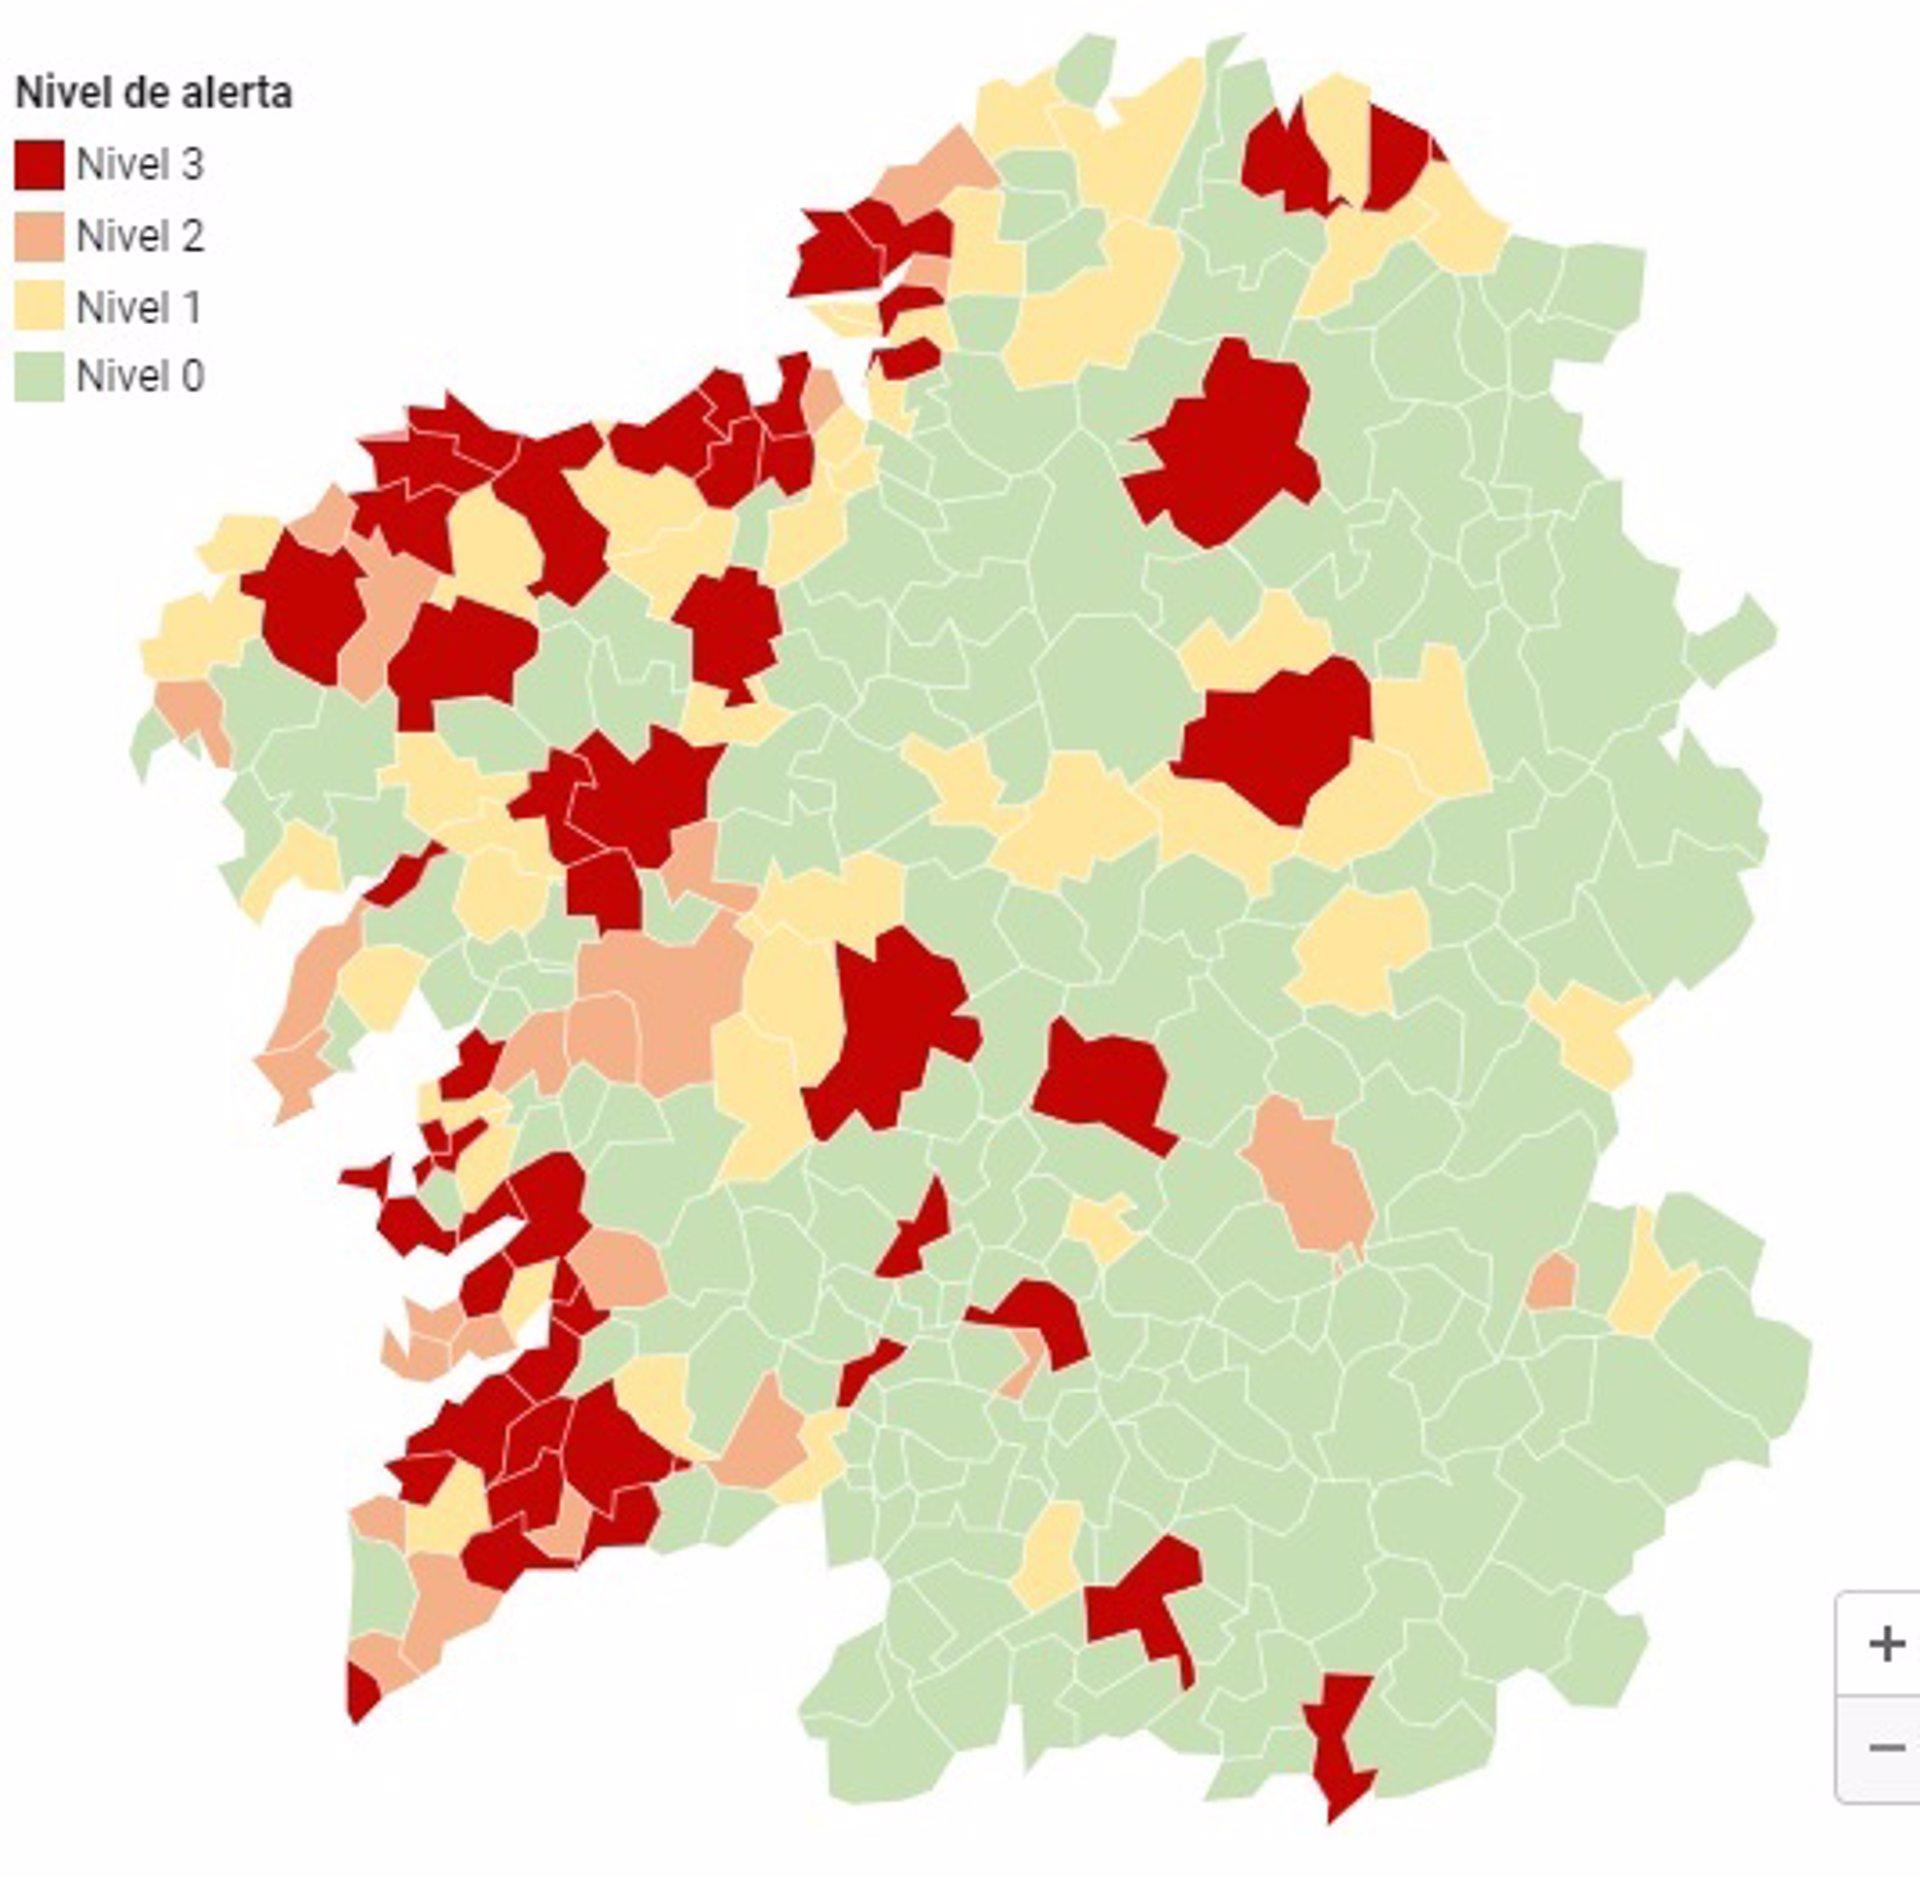 Medio centenar de concellos gallegos, en alerta roja por coronavirus